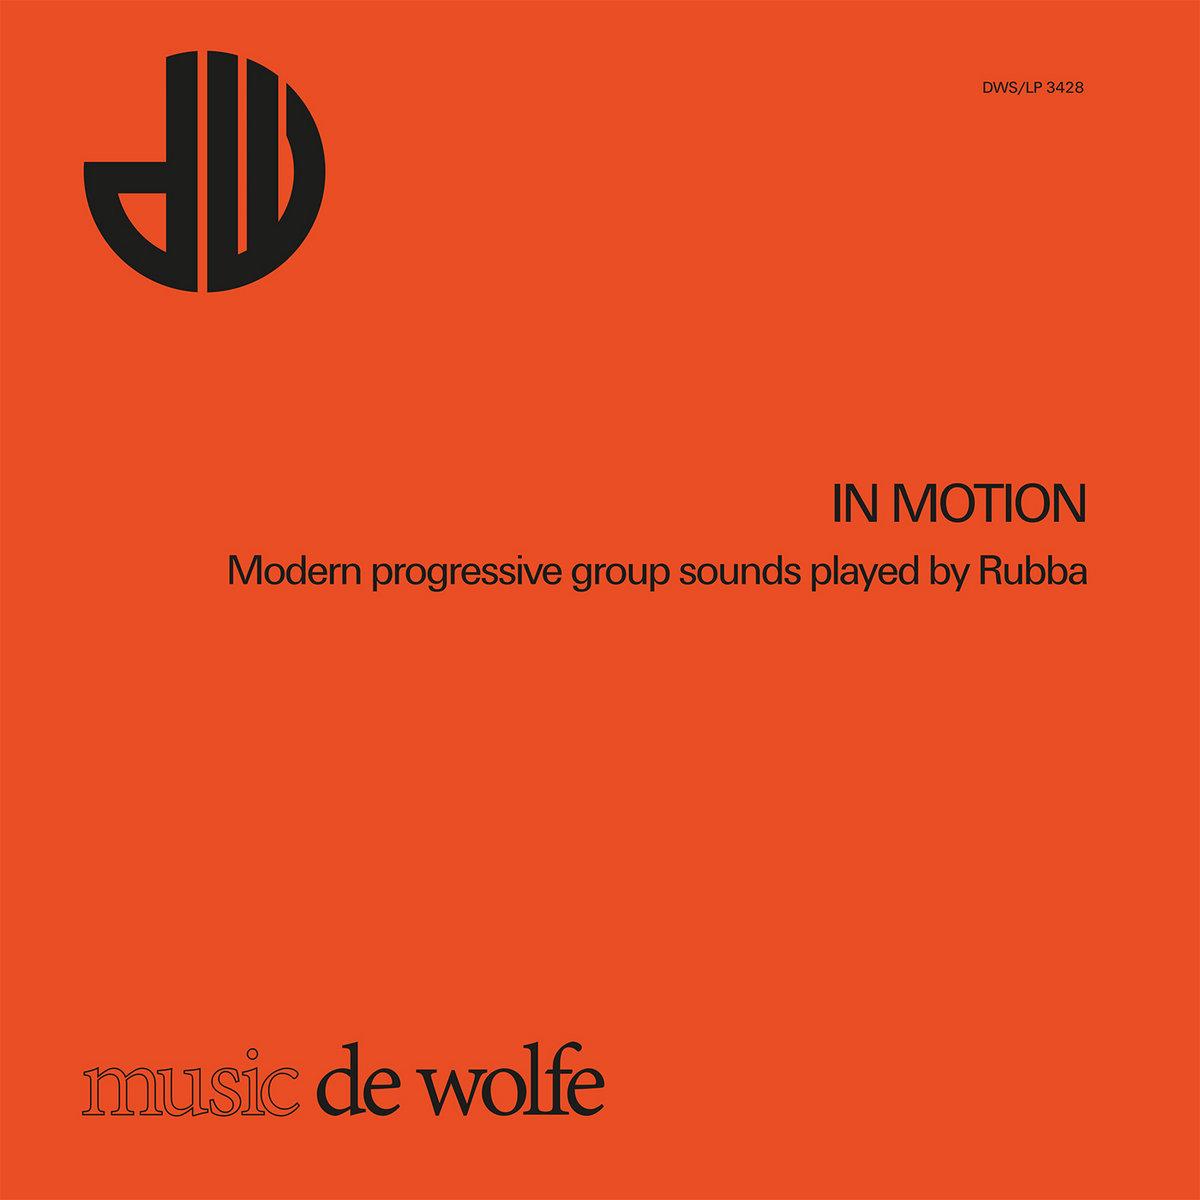 Rubba - IN MOTION | Farfalla Records